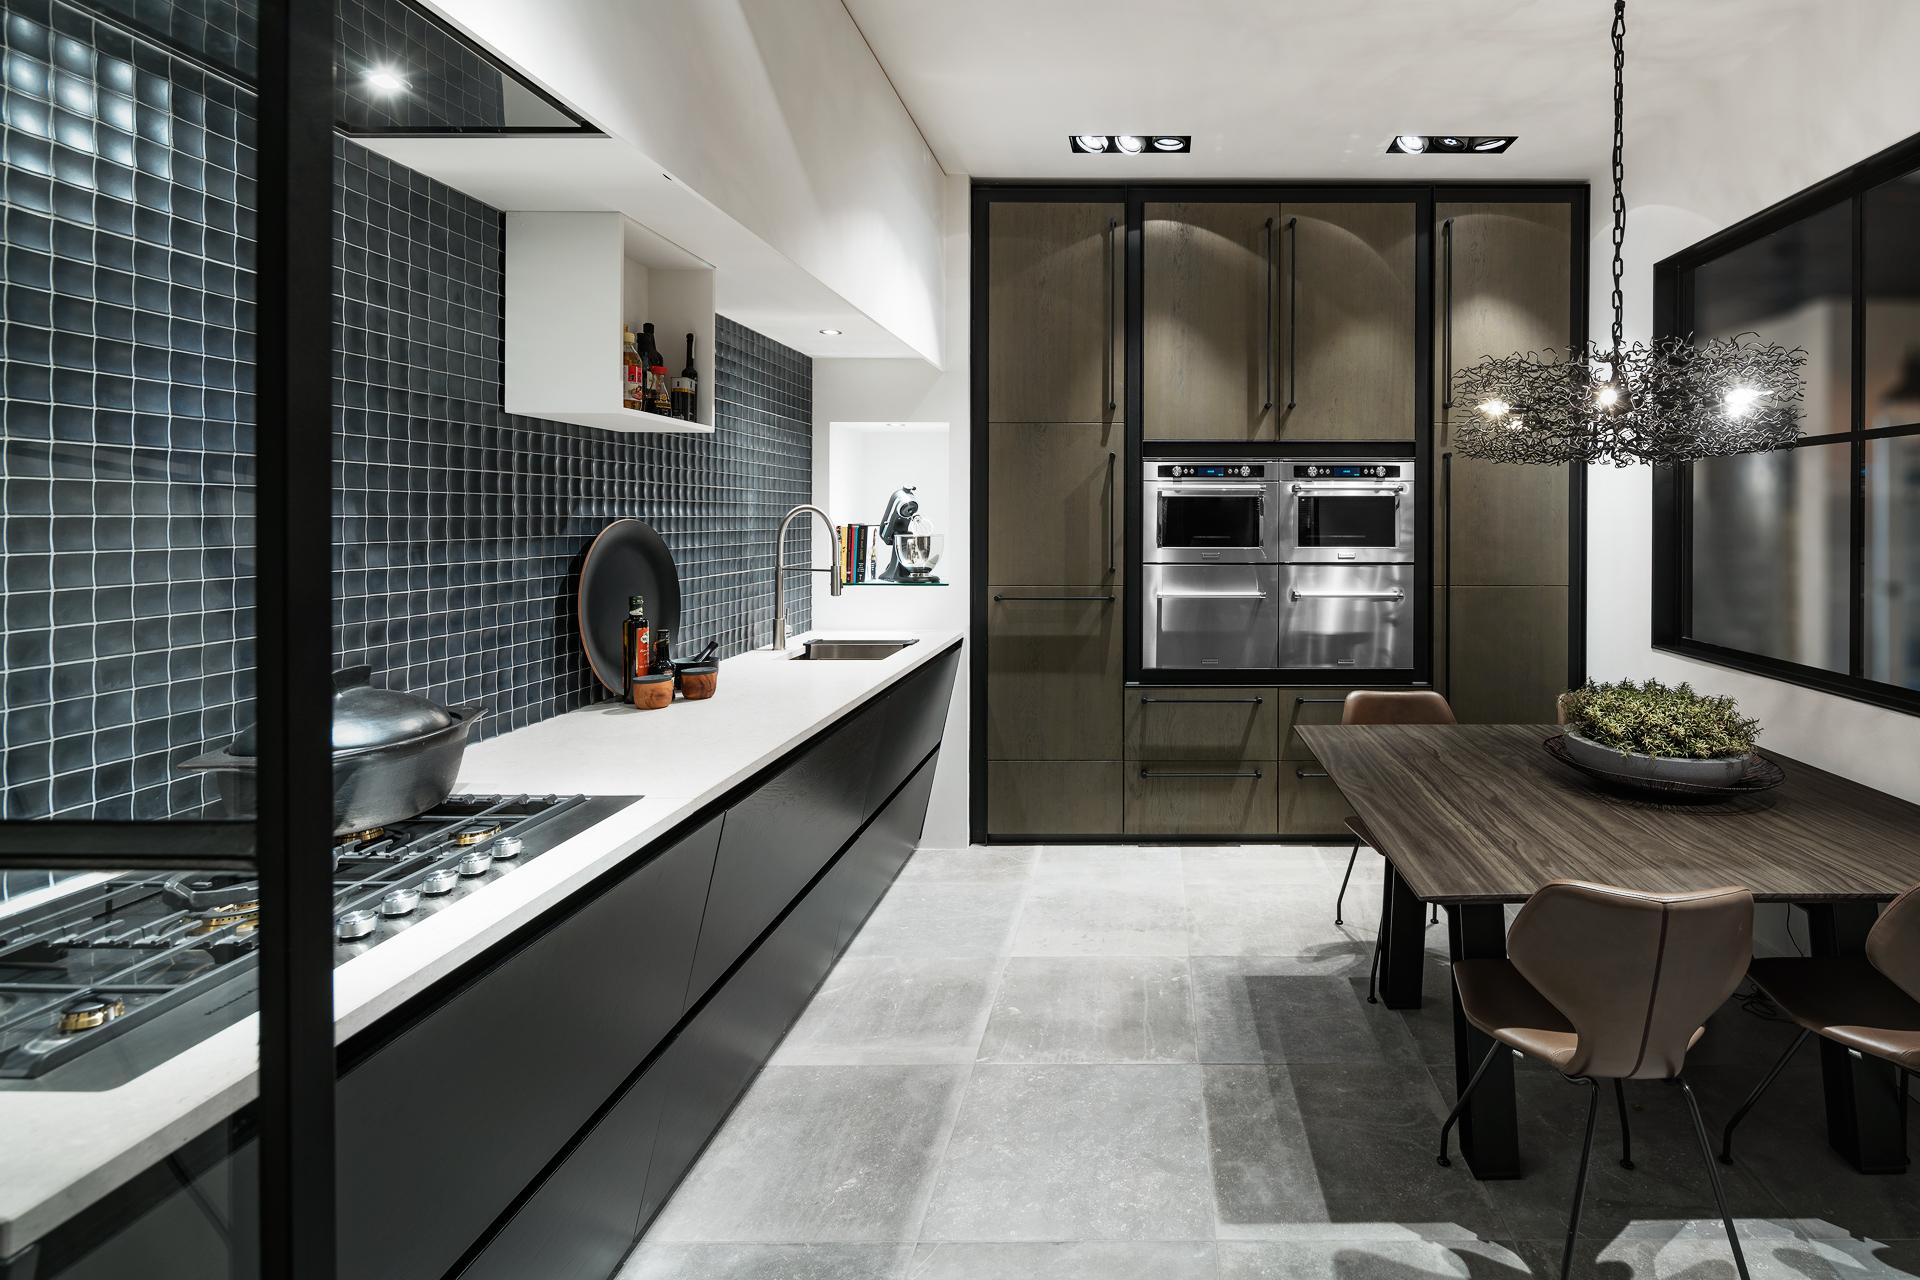 Cocinas decoradas en blanco interesting negro taburetes - Cocinas decoradas en blanco ...